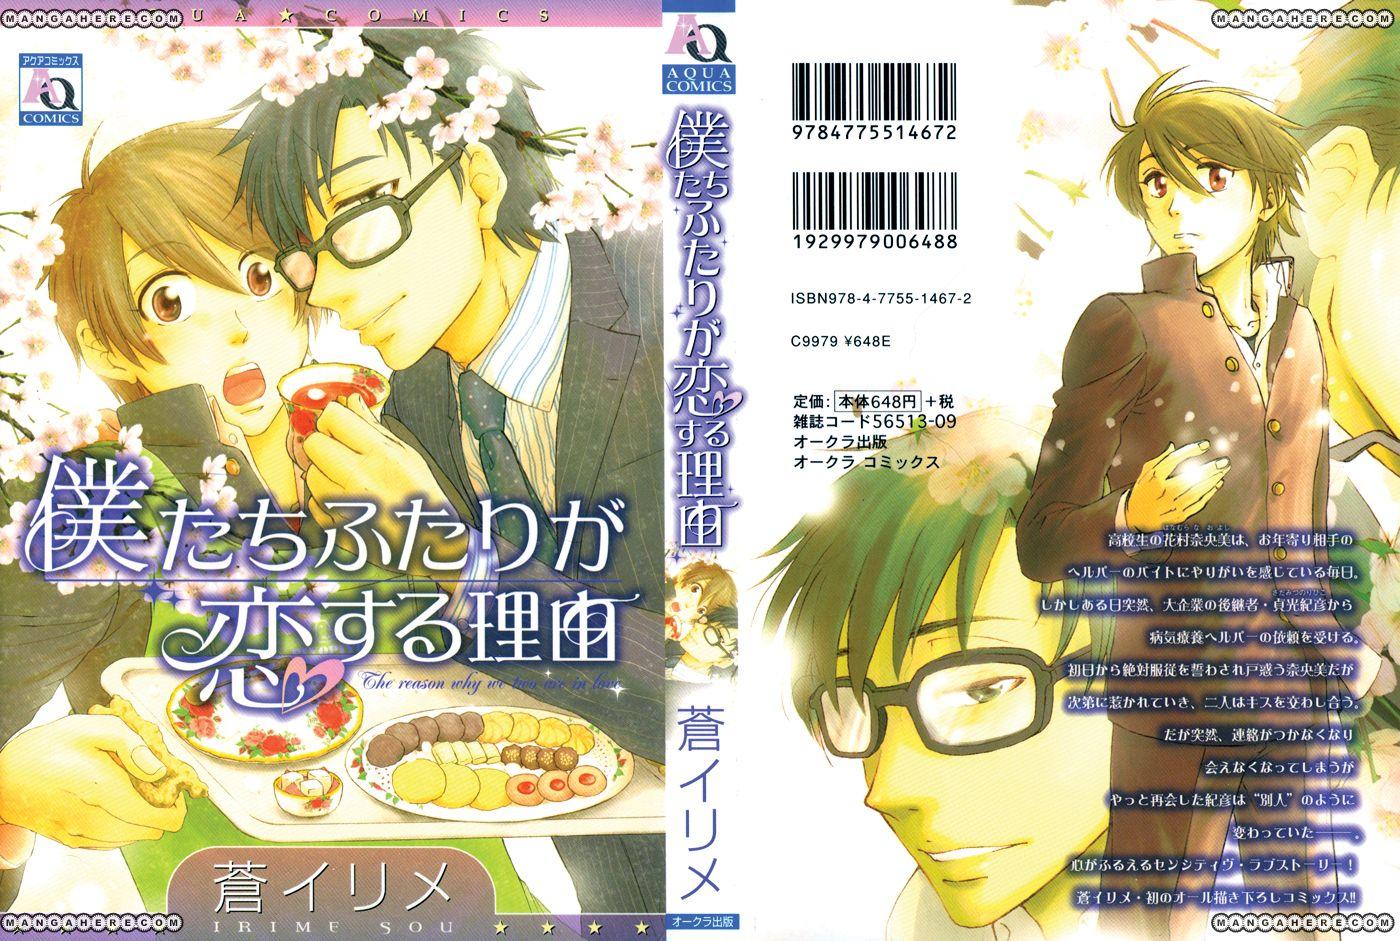 Bokutachi Futari ga Koisuru Riyuu 4 Page 2